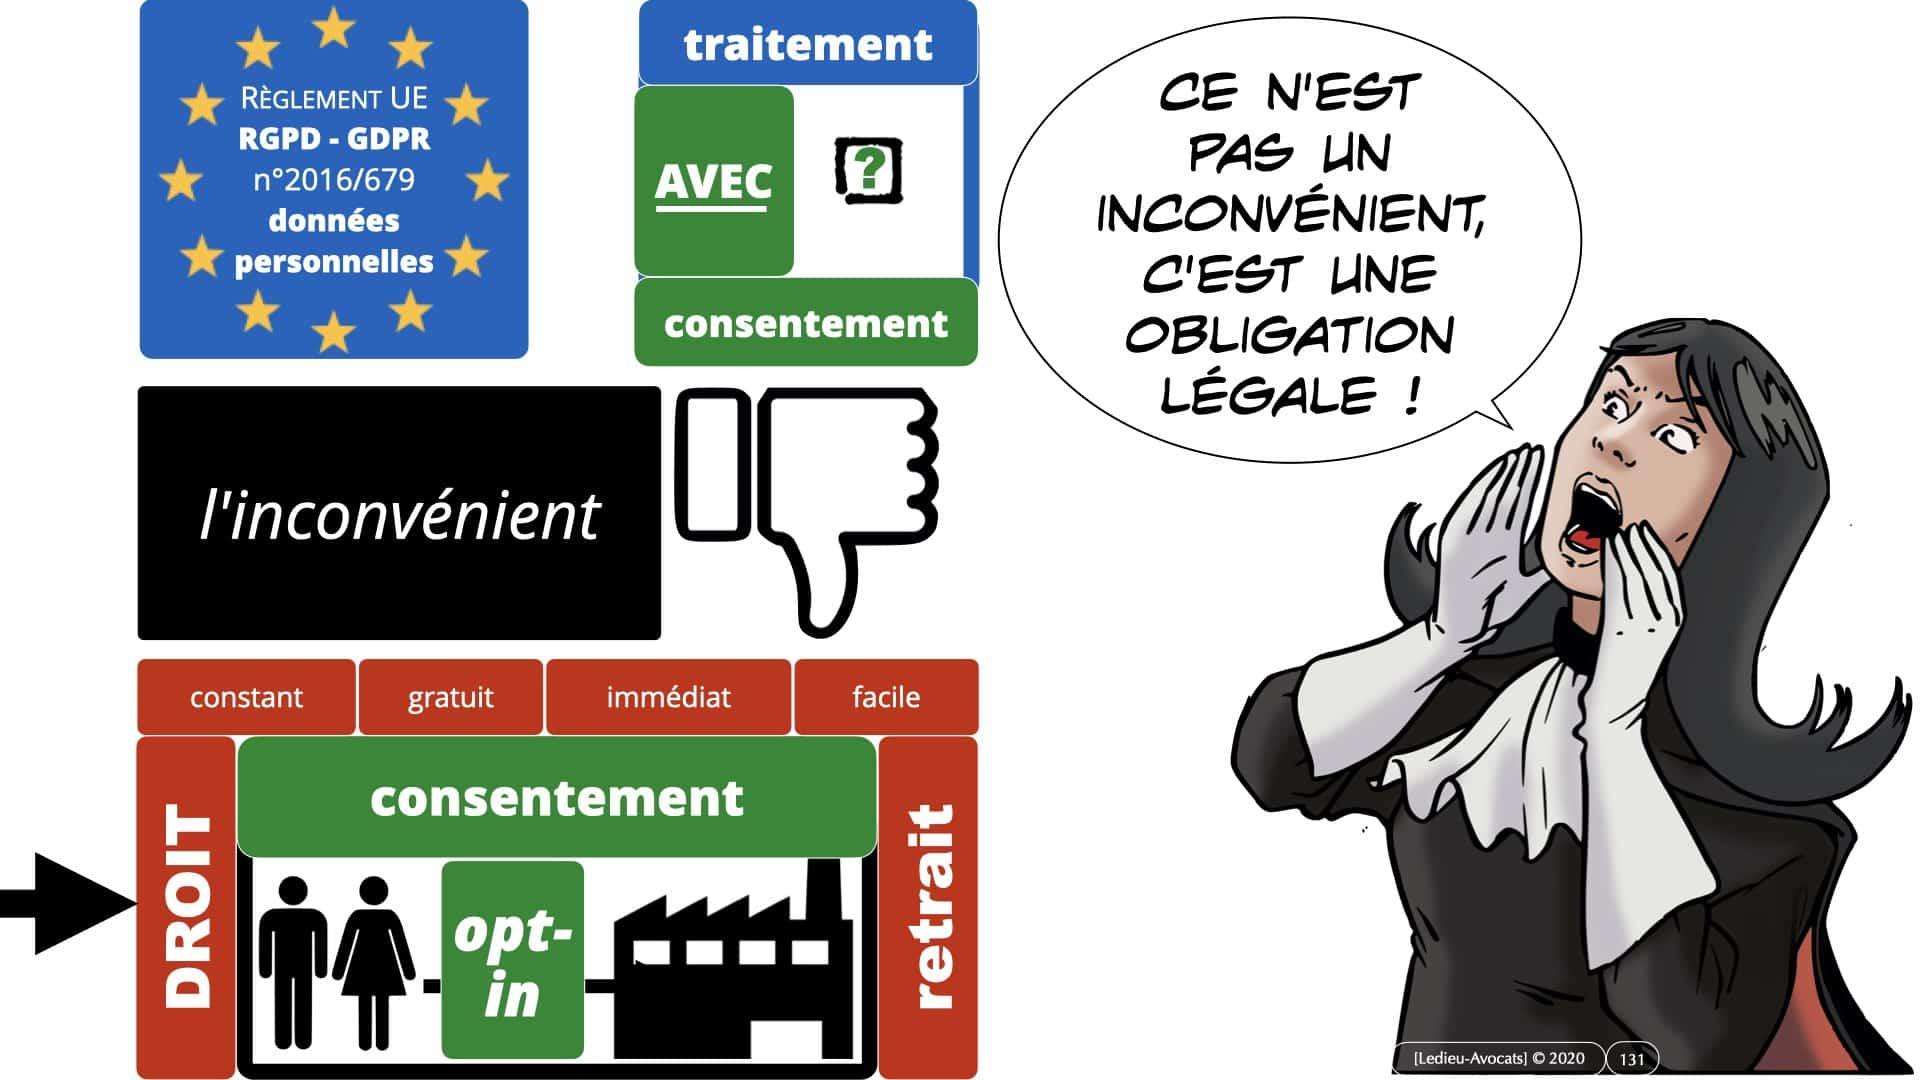 RGPD e-Privacy données personnelles jurisprudence formation Lamy Les Echos 10-02-2021 ©Ledieu-Avocats.131